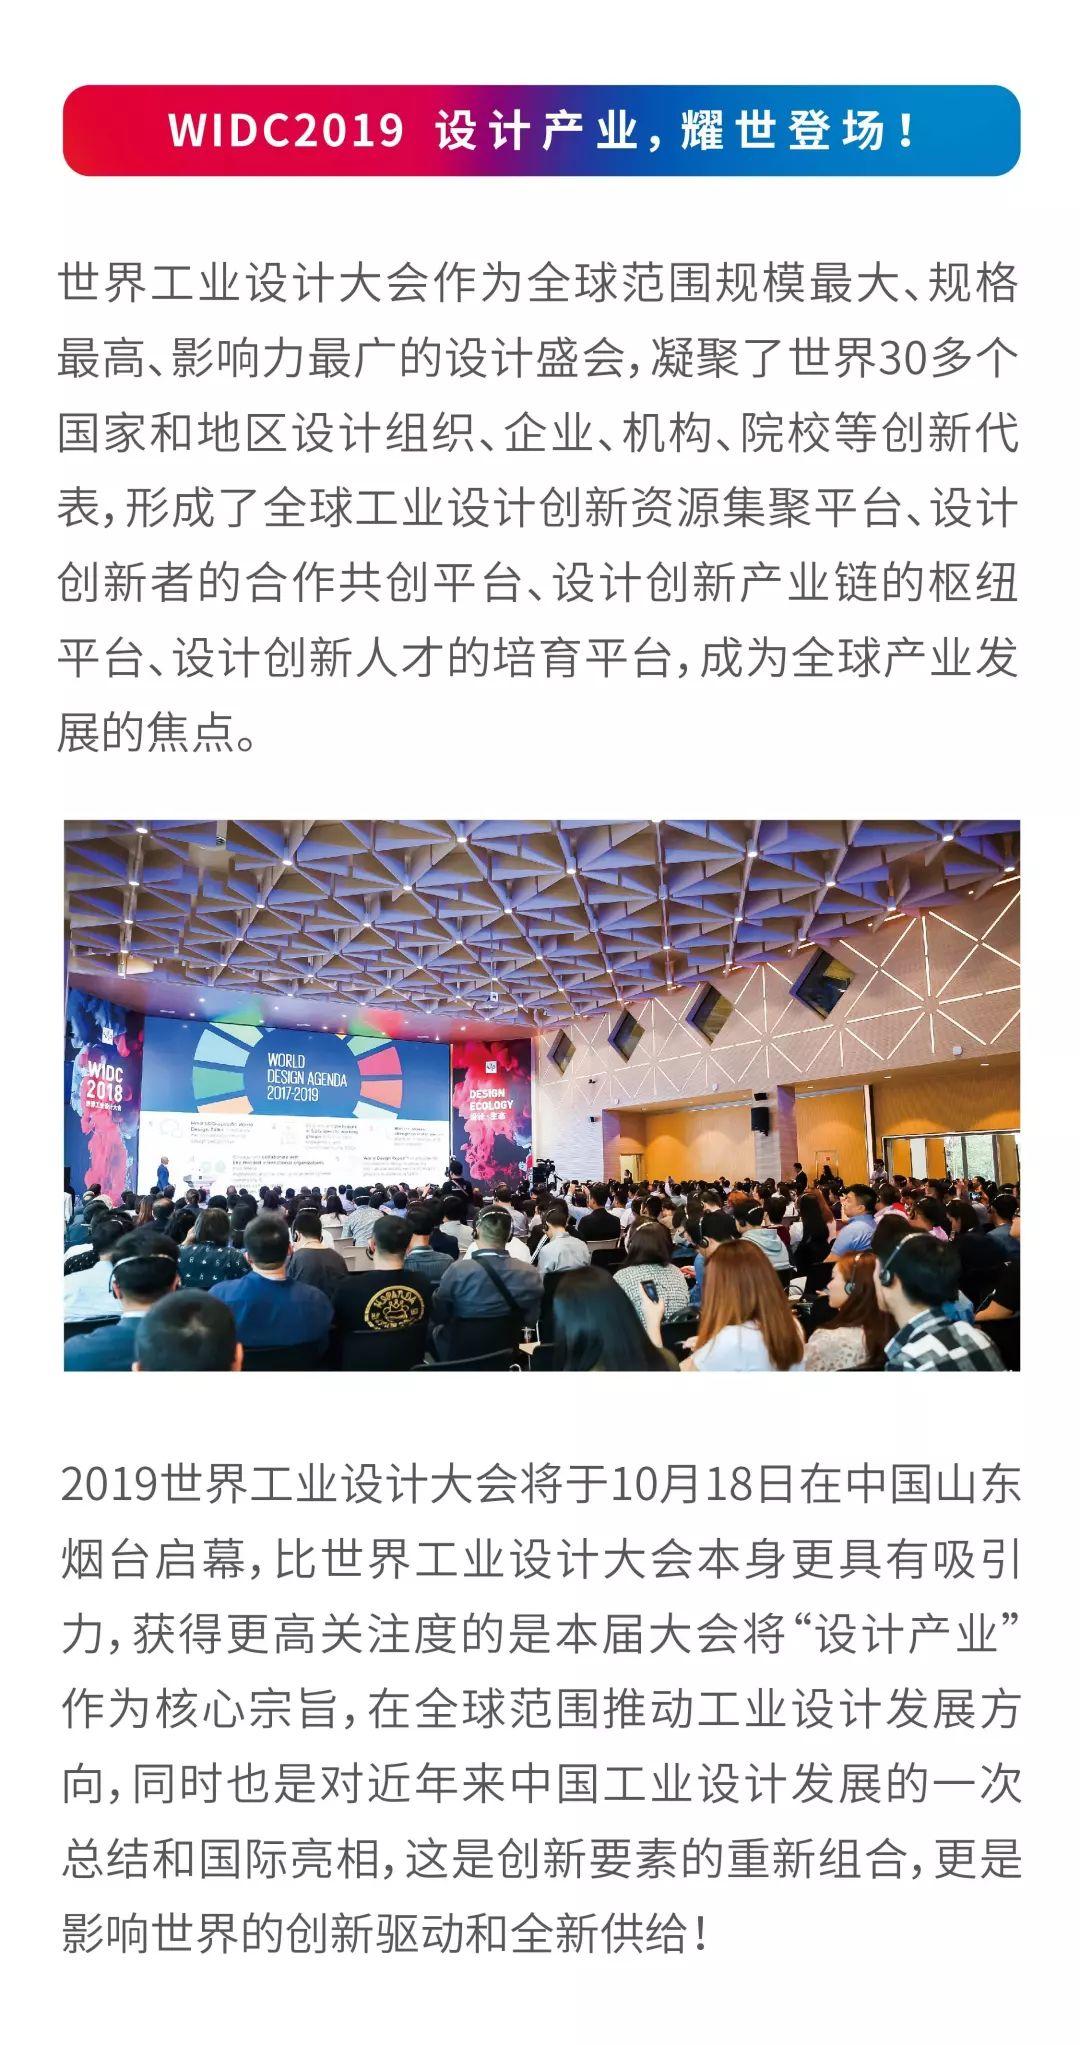 2019世界工业设计大会(10/18-20 烟台)